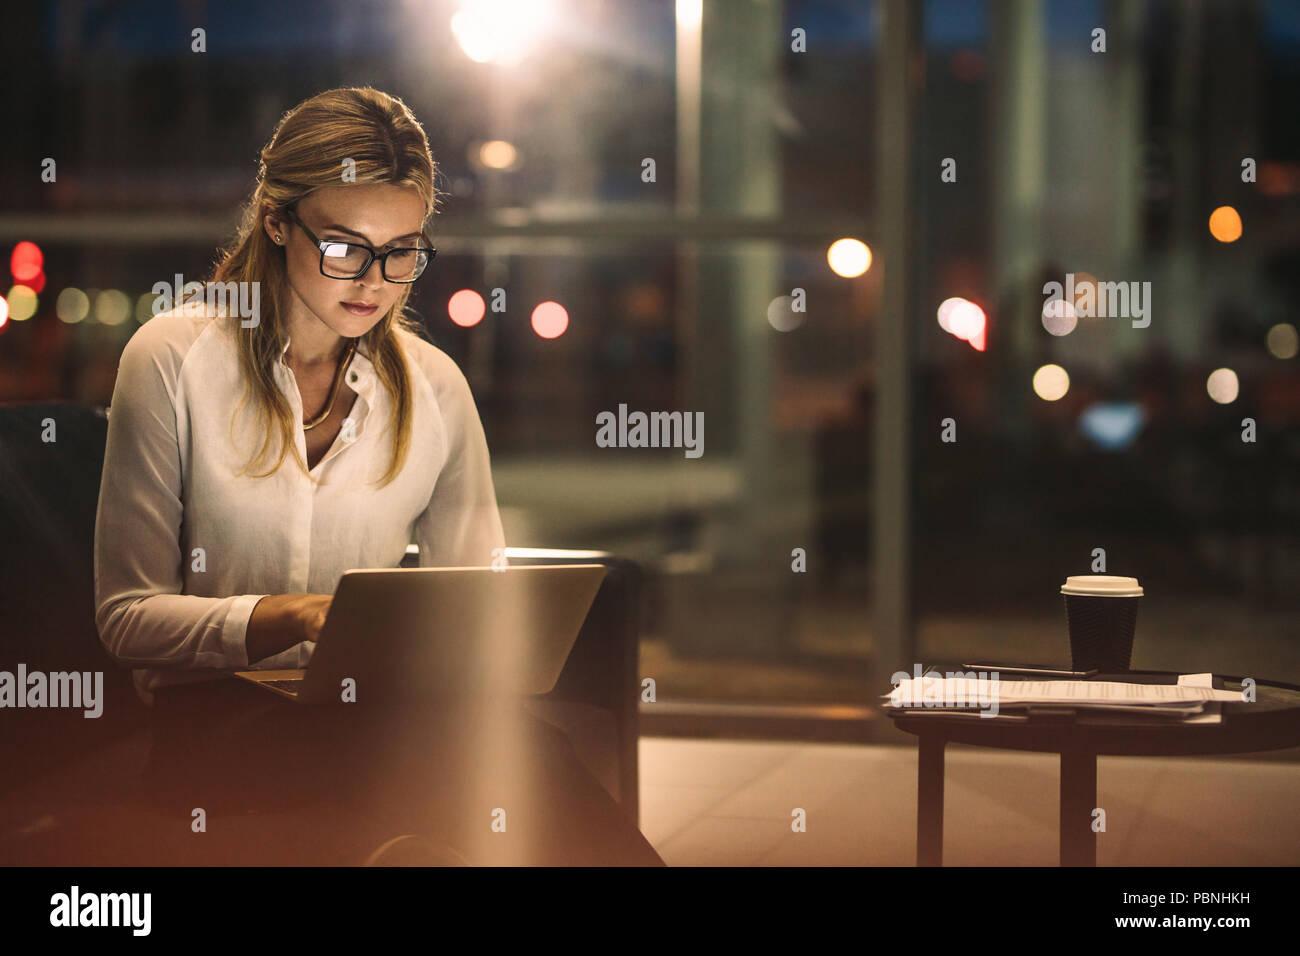 Junge Frau auf dem Laptop, spät in der Nacht. Kaukasische Geschäftsfrau Überstunden im Büro, das Projekt innerhalb der Frist zu beenden. Stockfoto